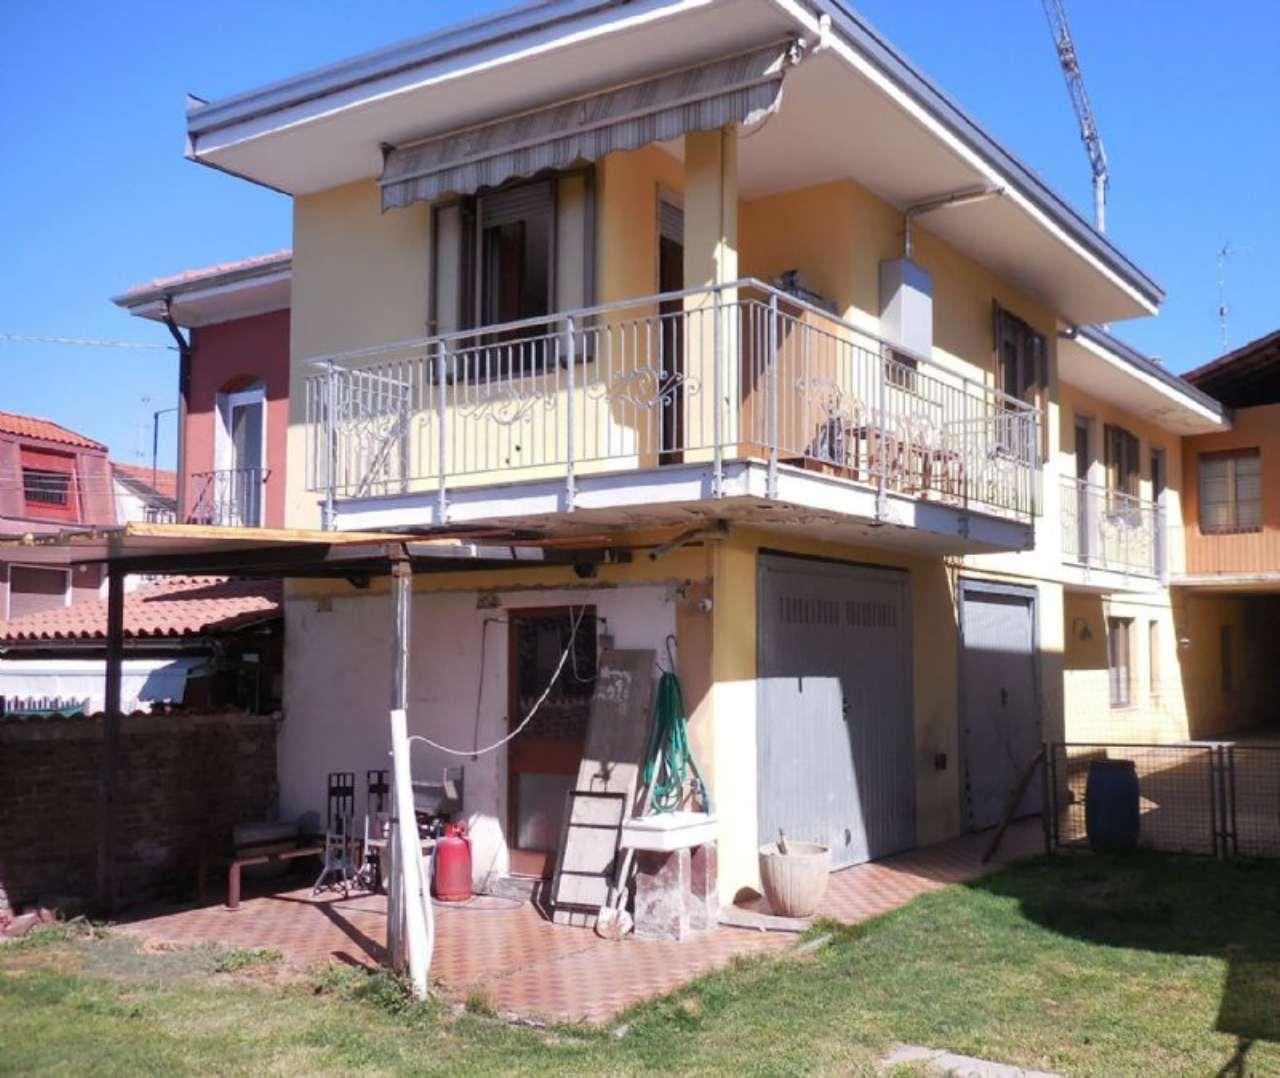 Soluzione Indipendente in vendita a Casorate Sempione, 4 locali, prezzo € 159.000   Cambio Casa.it